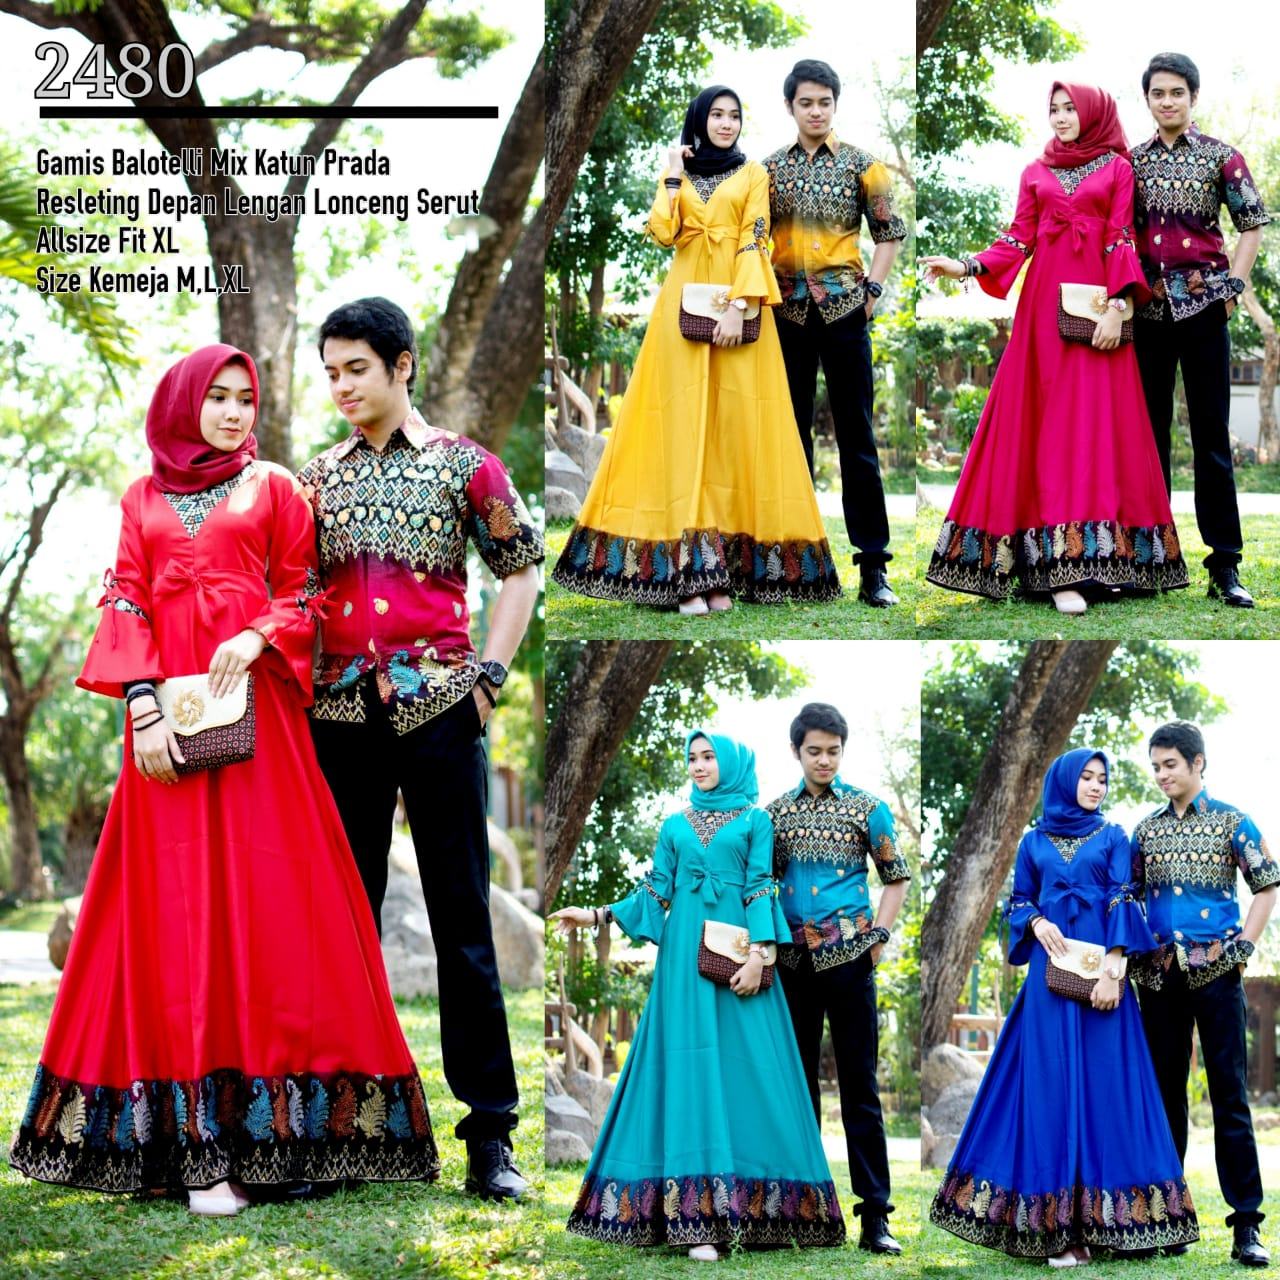 Baju Batik Couple Model Gamis Lengan Lonceng Balotelly Terbaru T2480